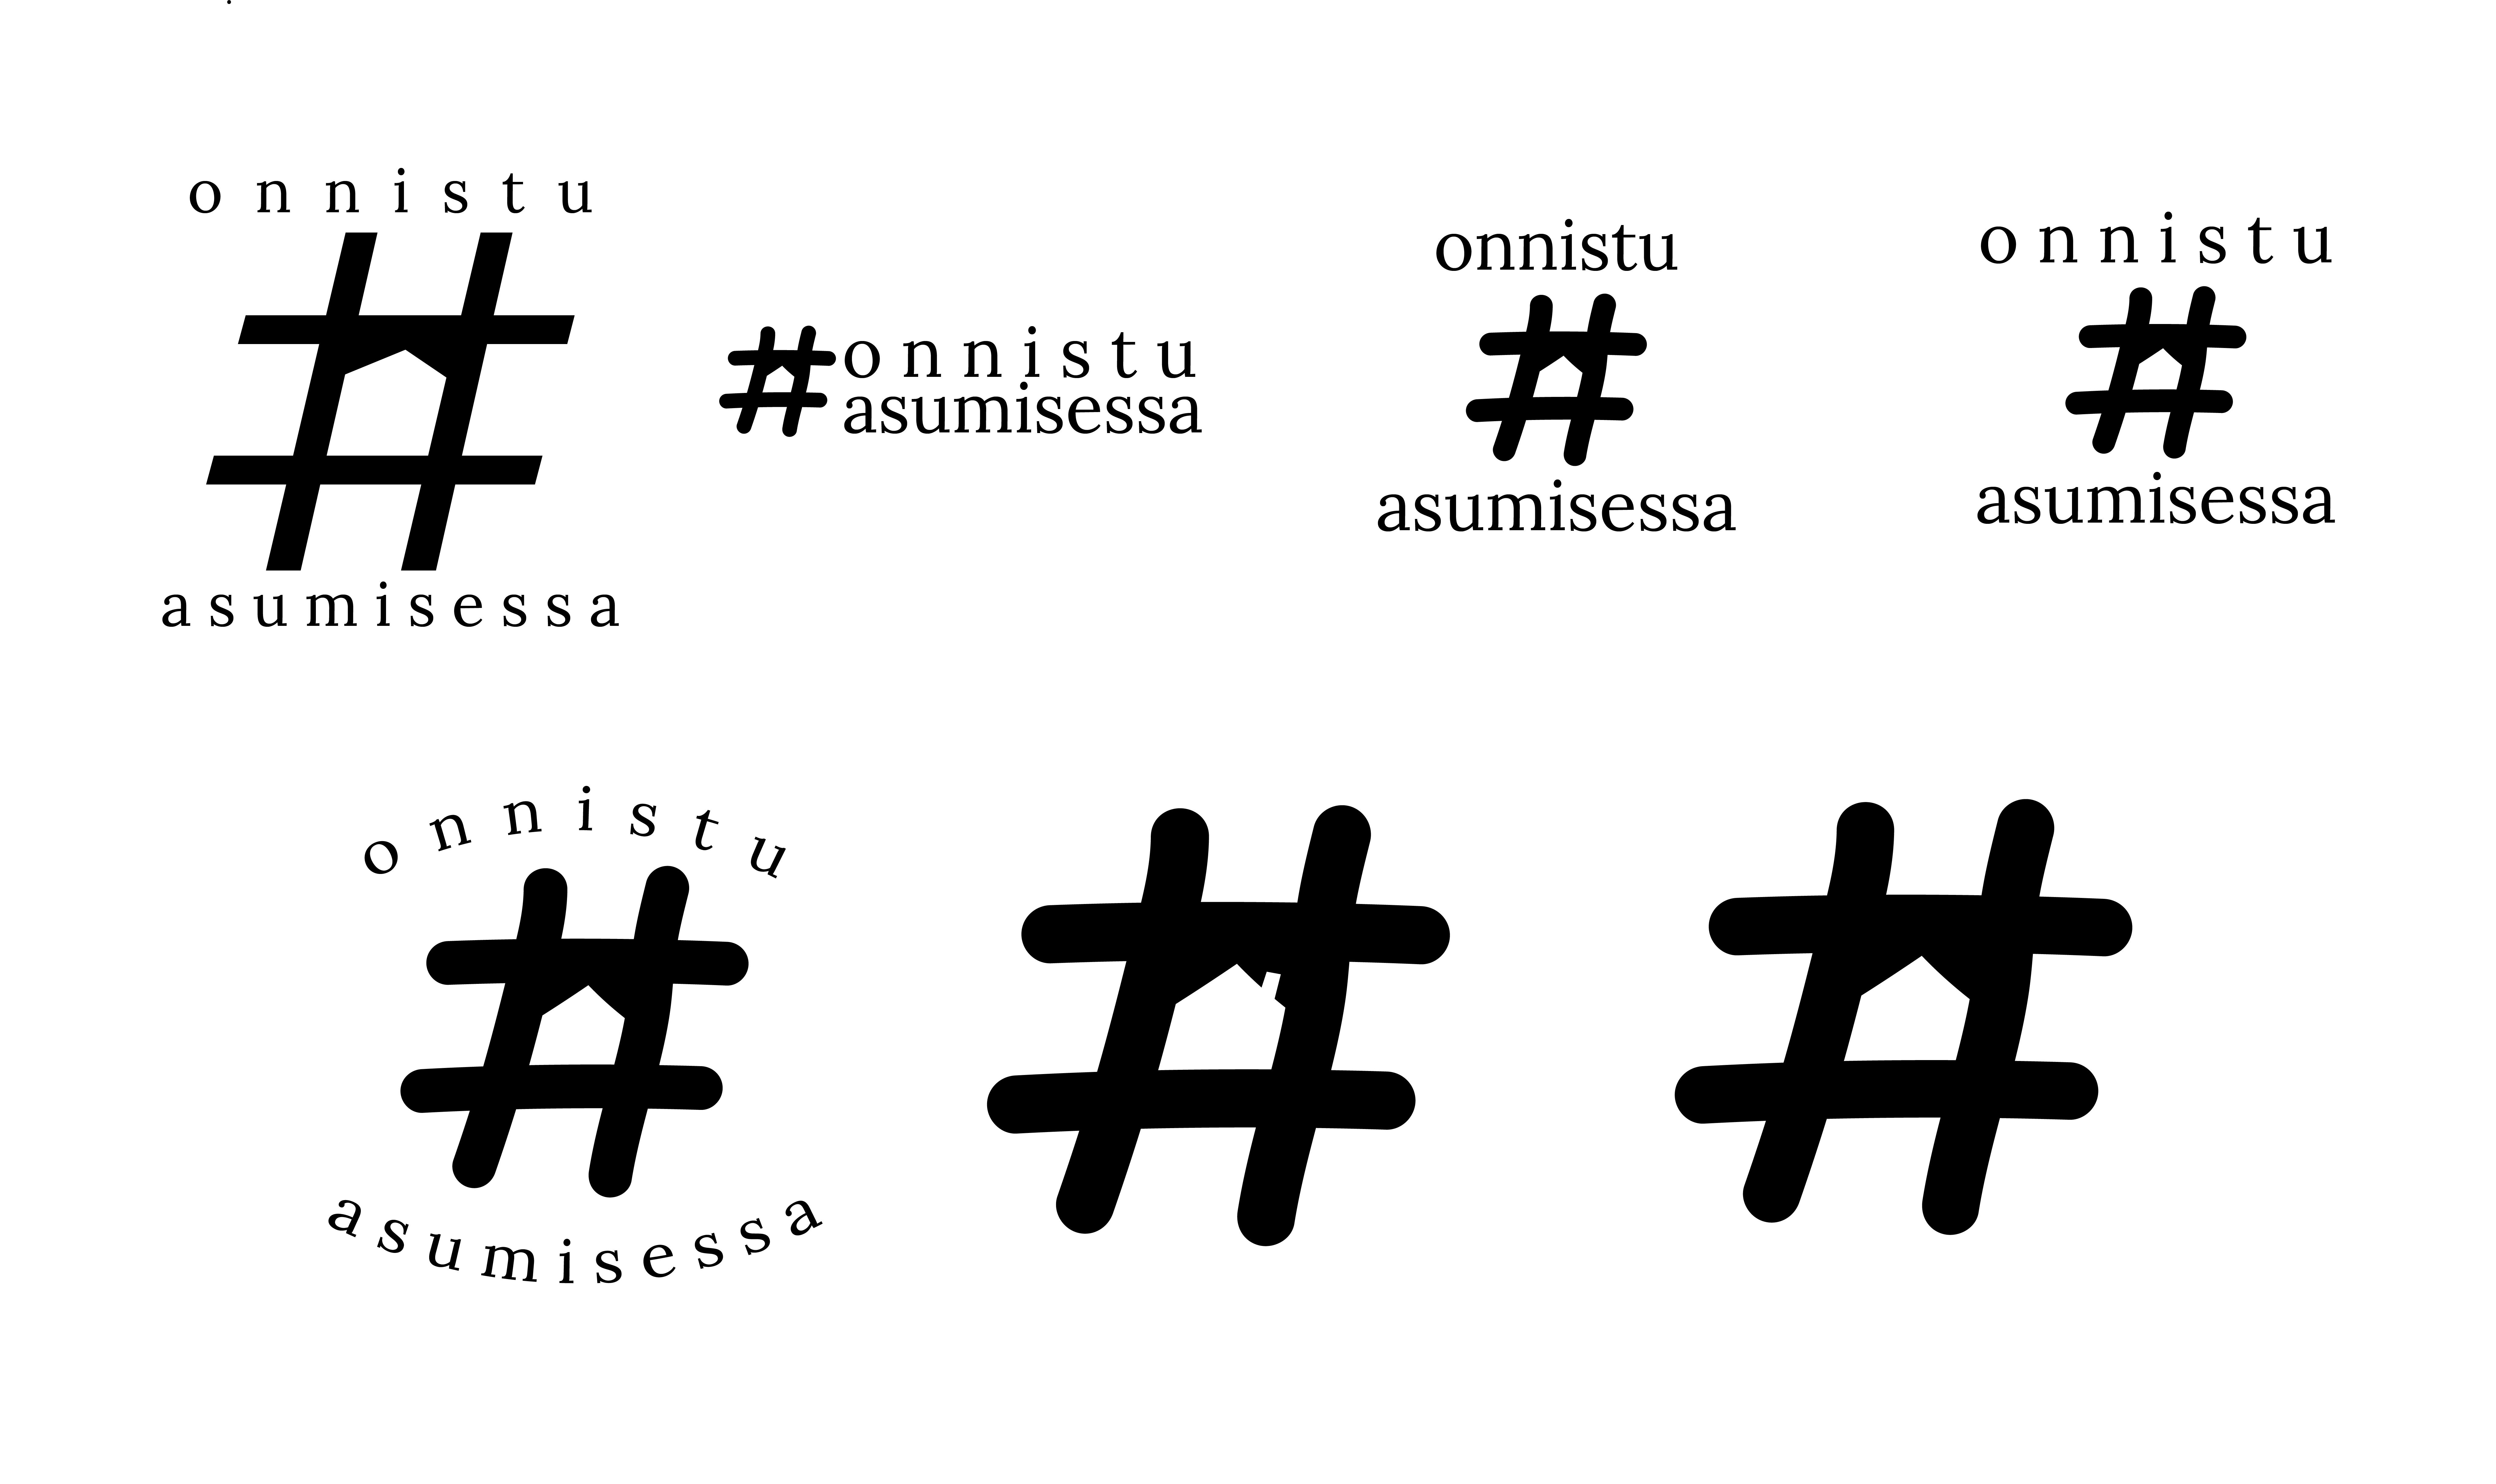 onnistu_asumisessa_logo